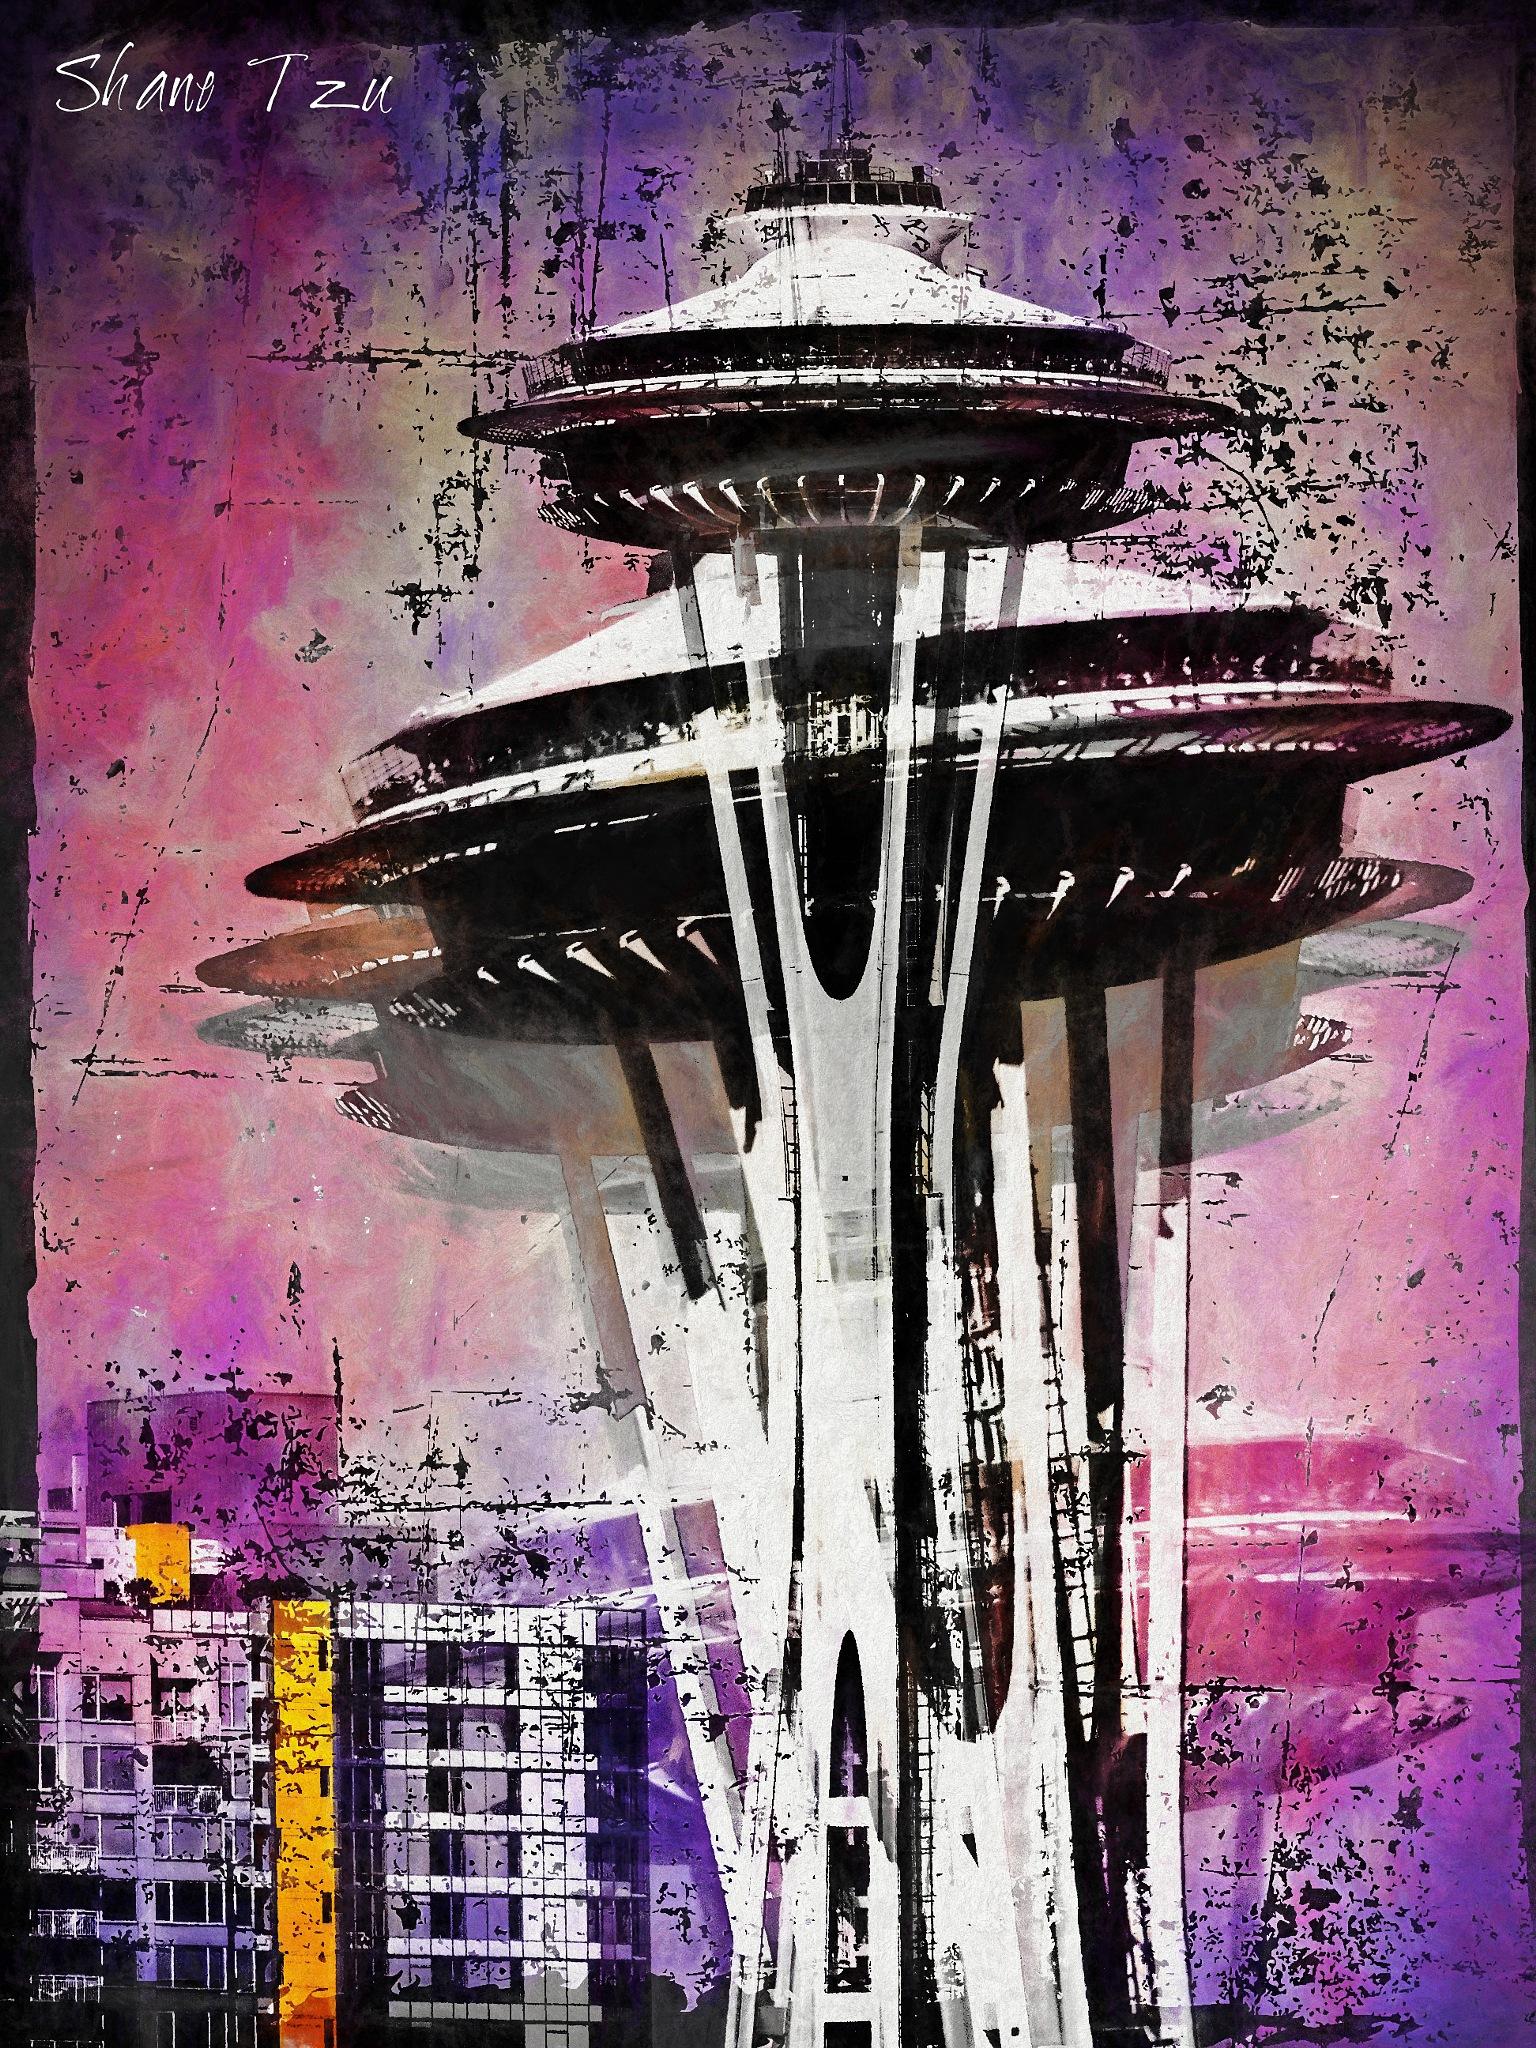 Seattle Grunge by shanetzu